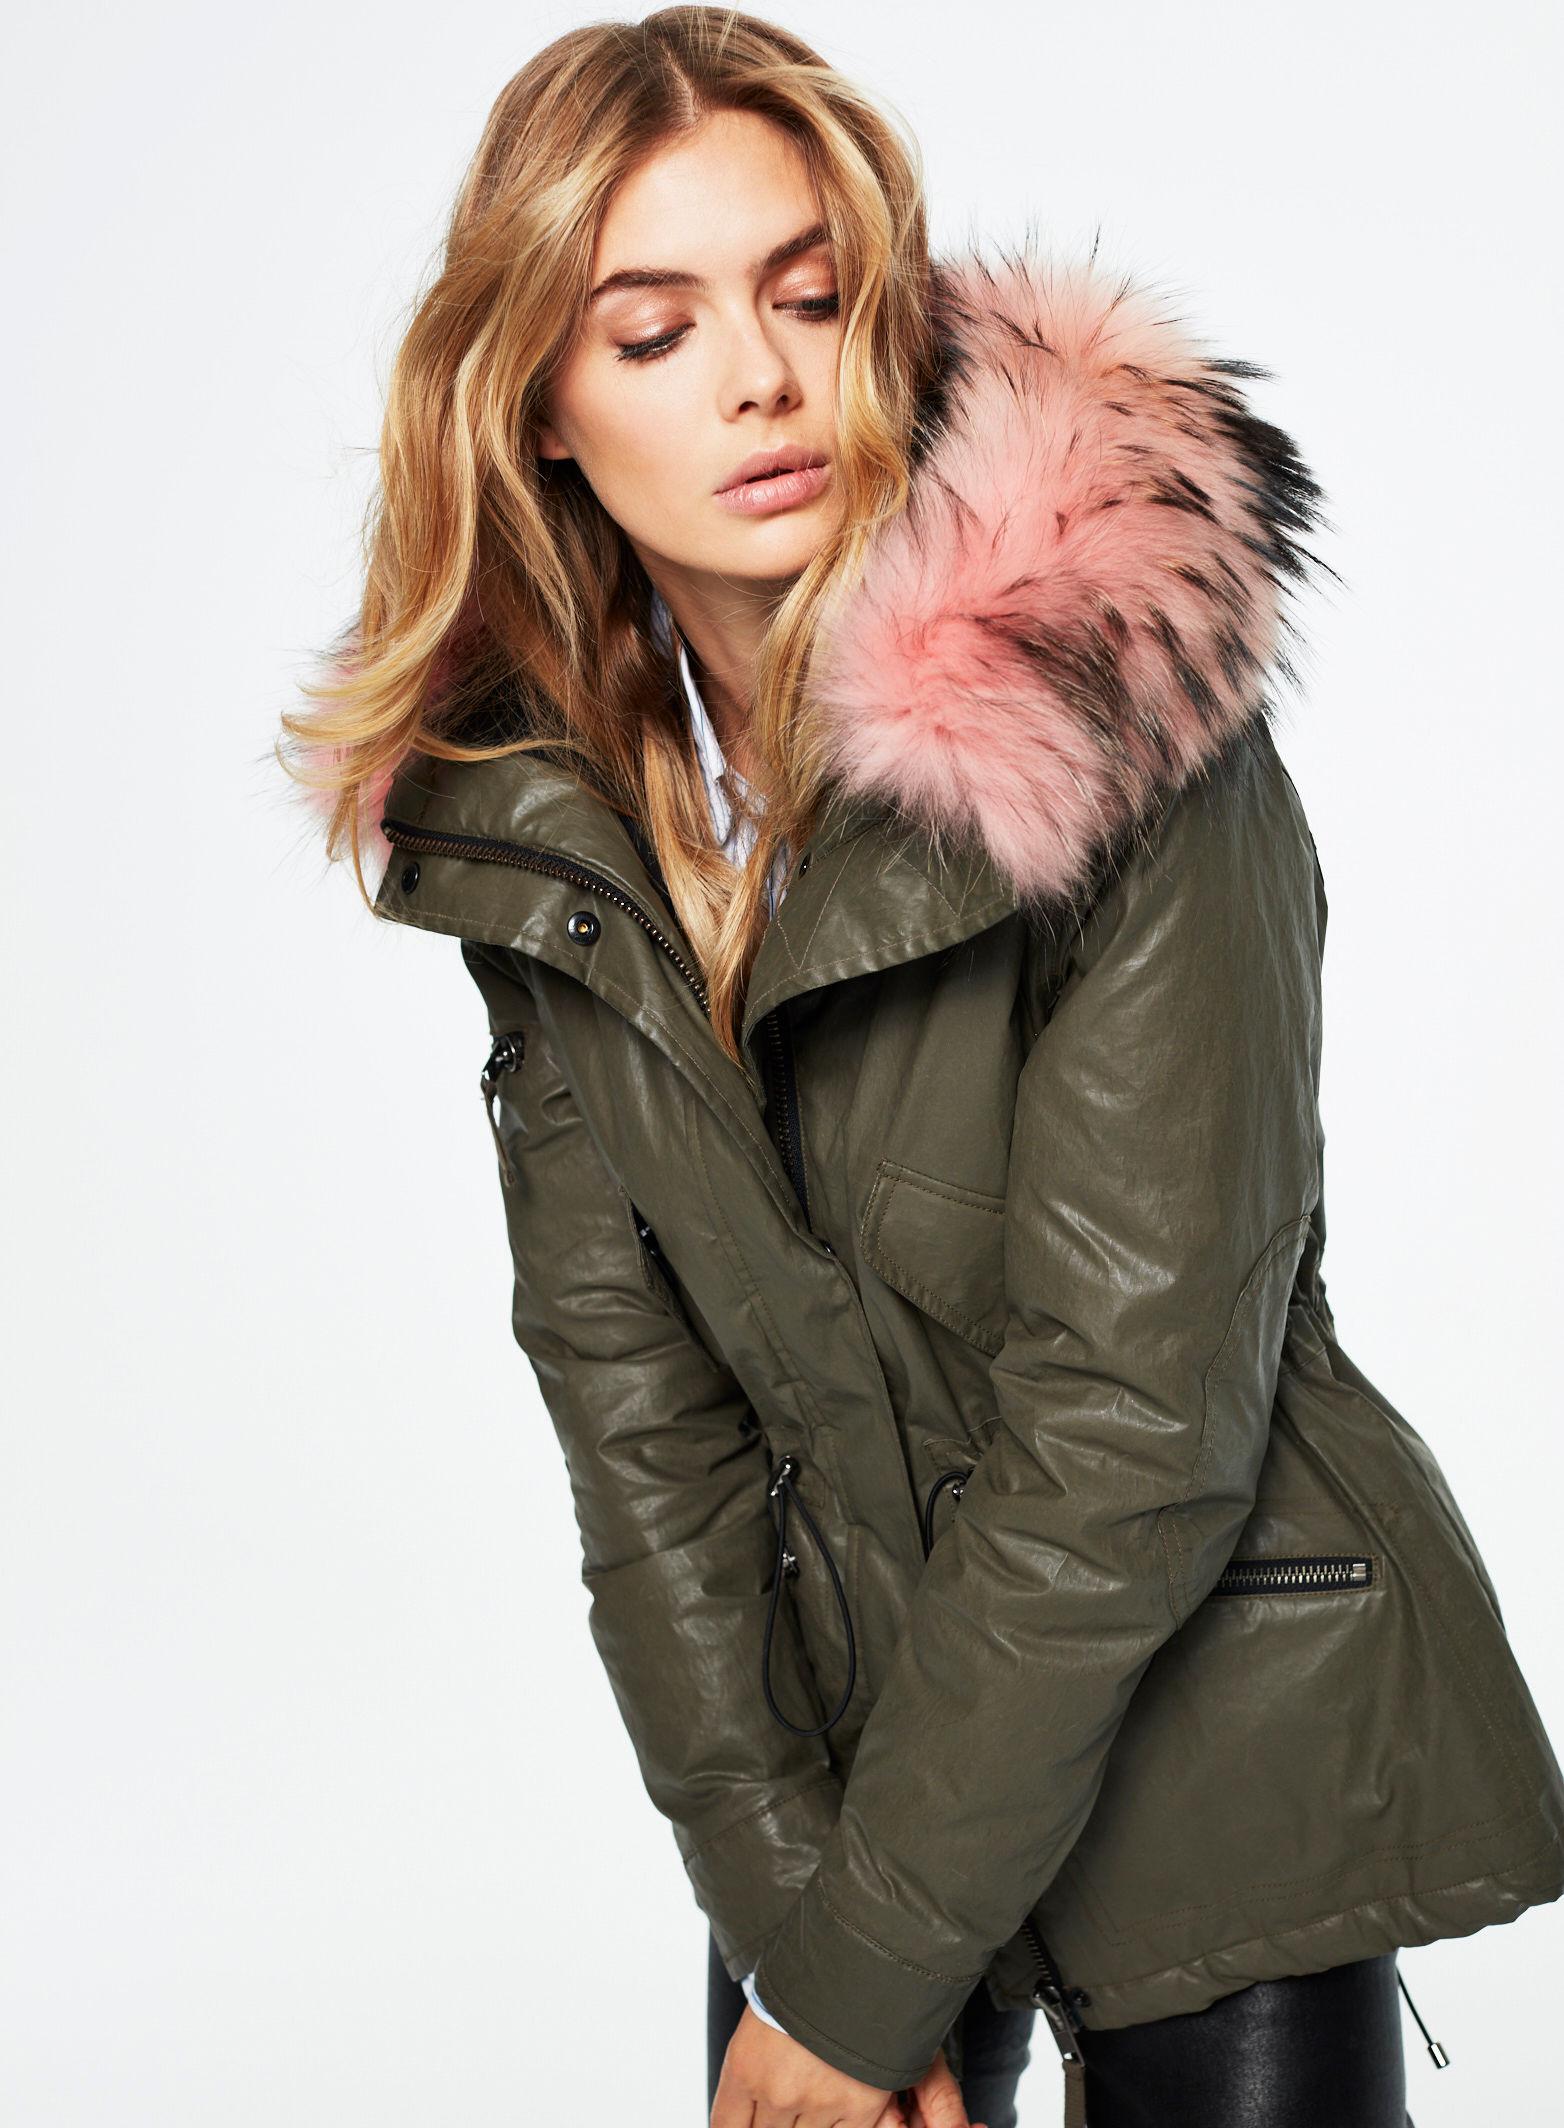 Sam Hudson Jacket with Fur   Olive/Pink